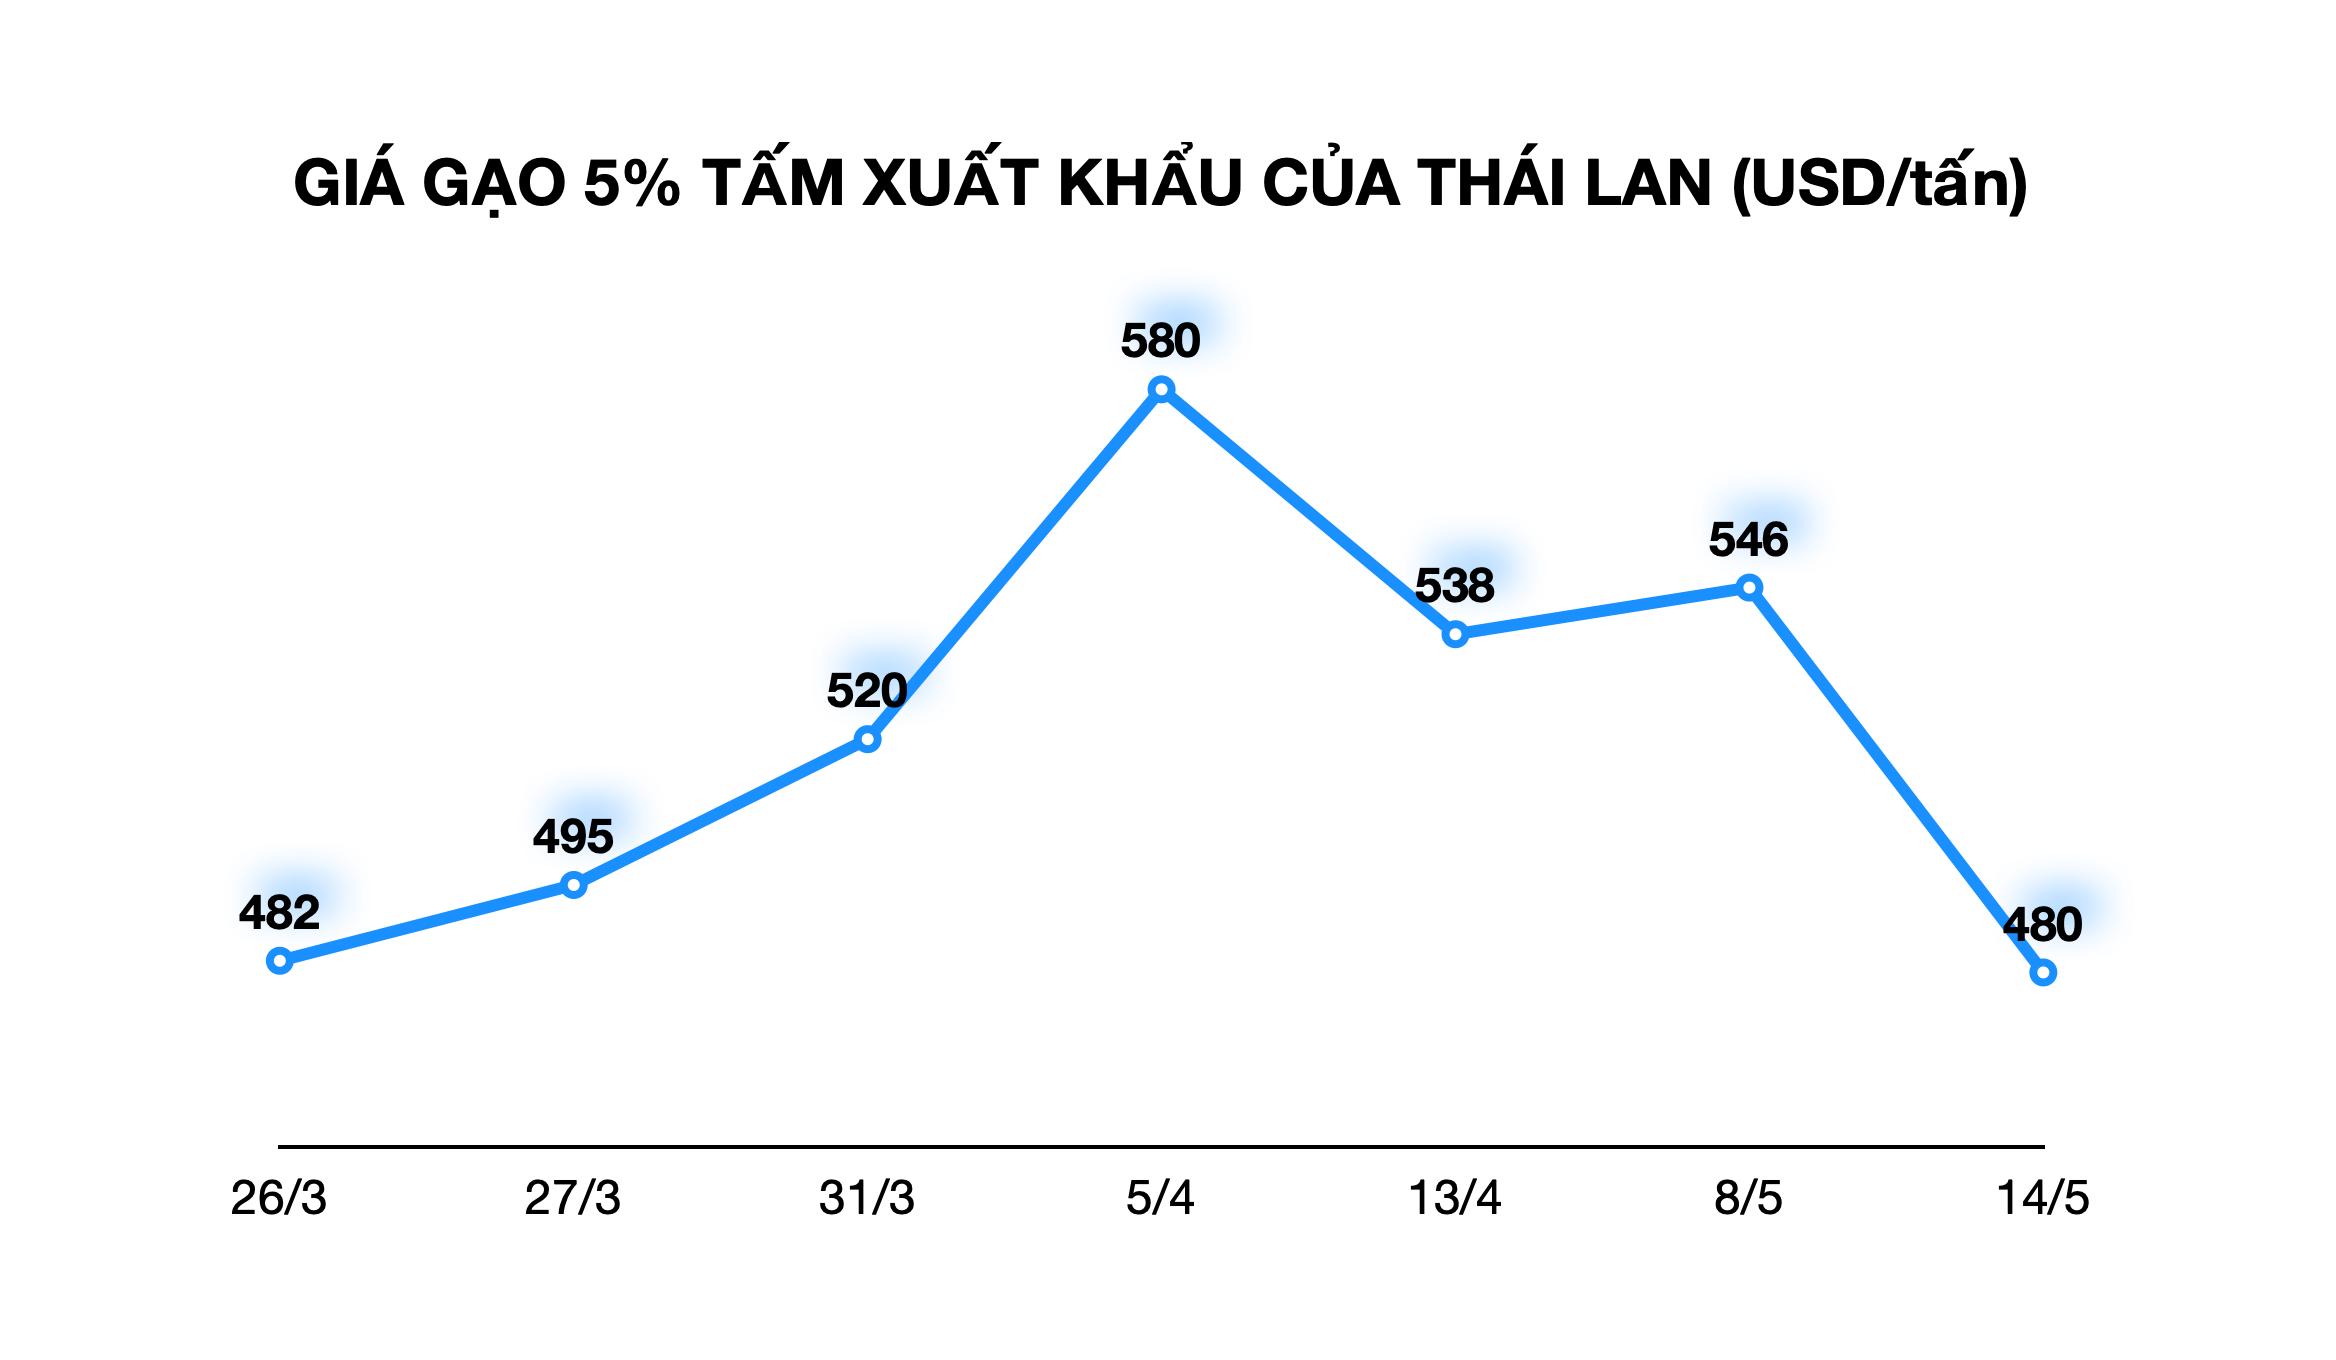 Gạo Việt Nam xuất khẩu 11.000 đồng/kg khiến gạo Thái Lan rớt giá kỉ lục - Ảnh 1.